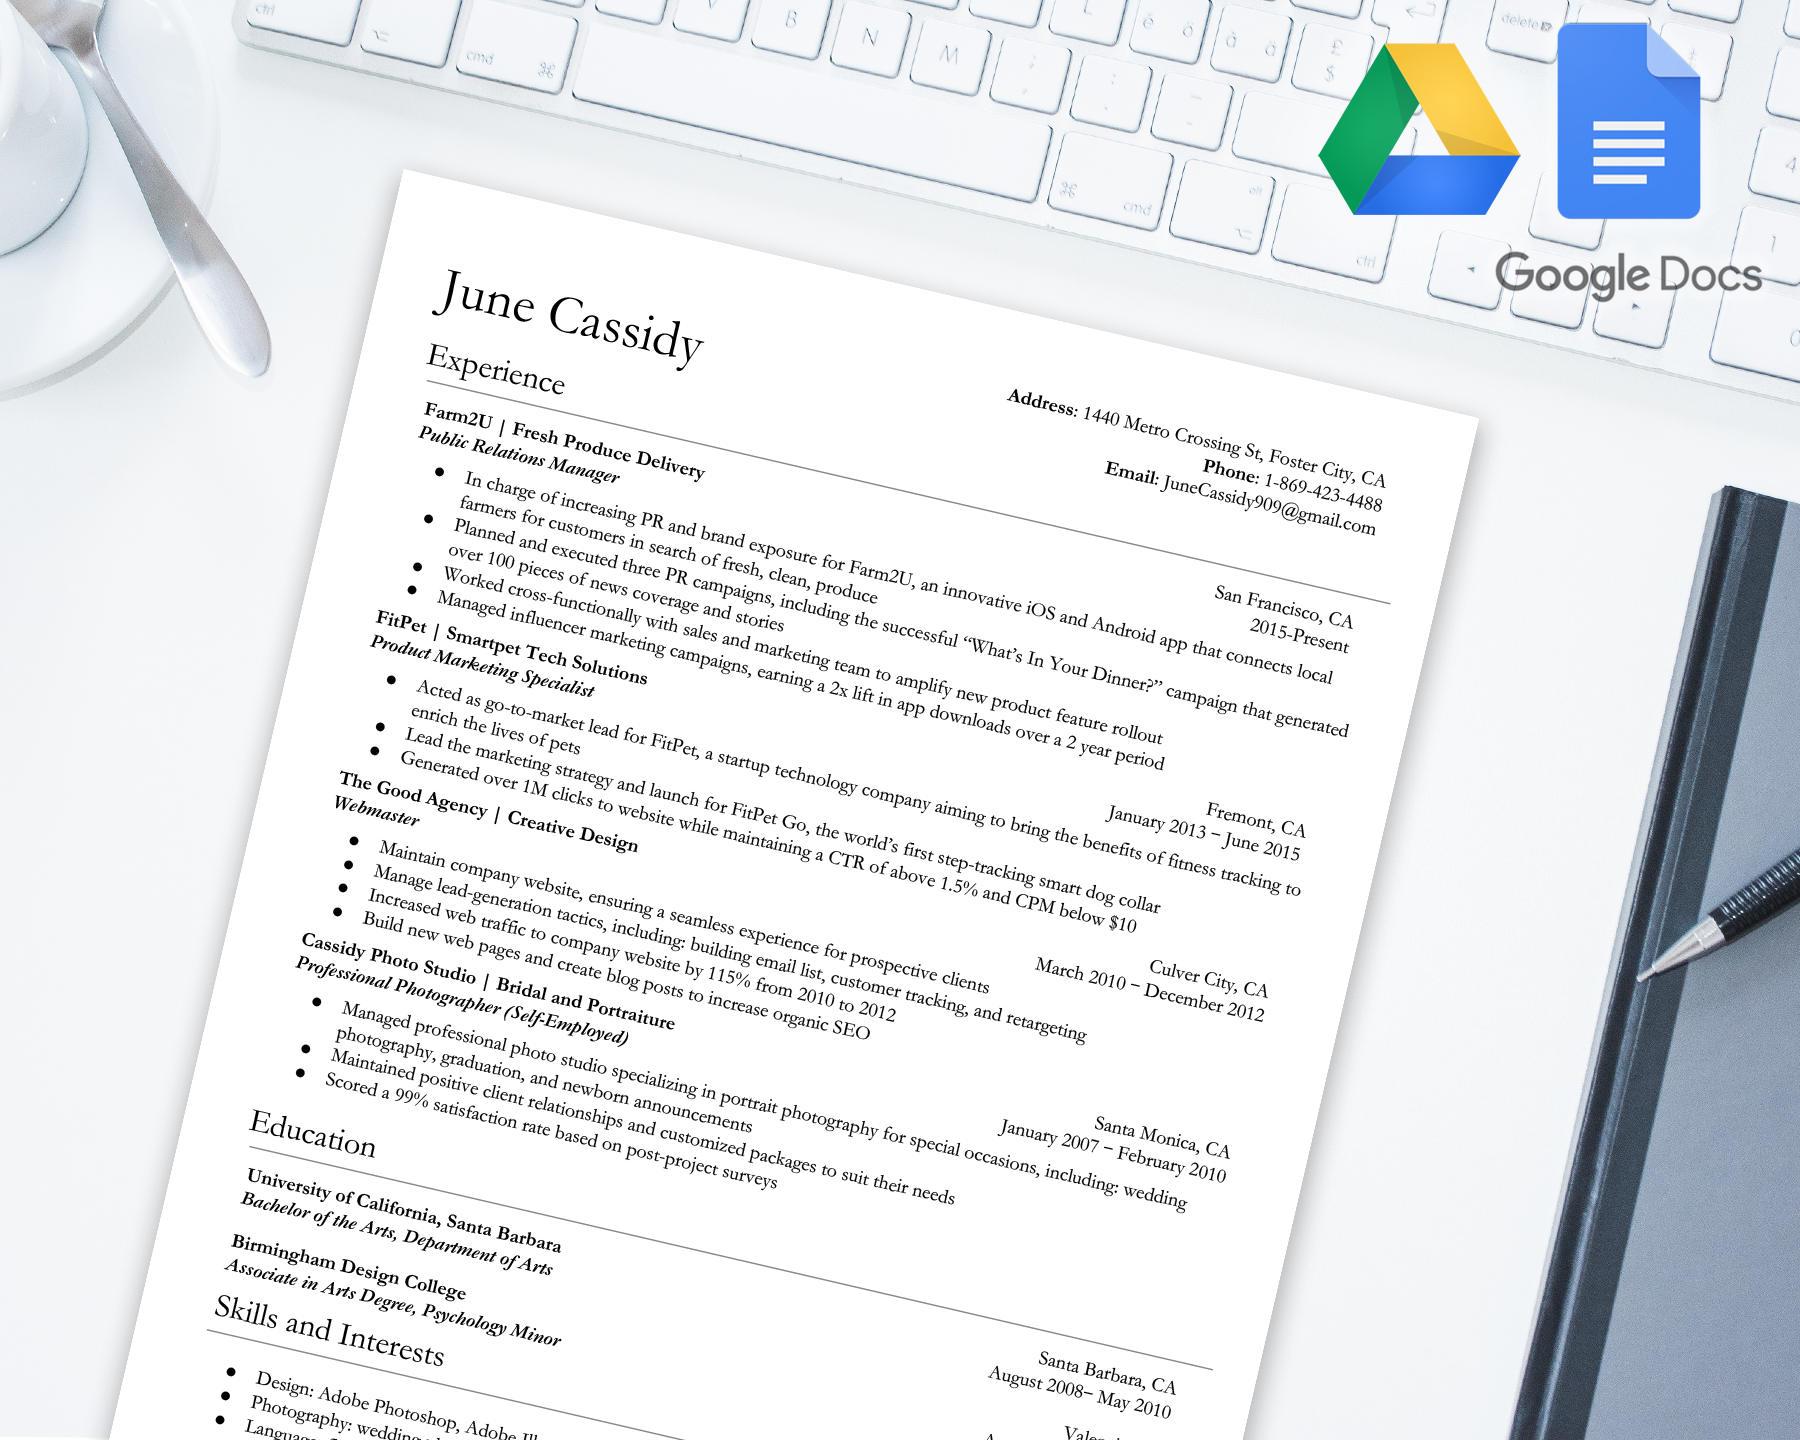 Niedlich Google Doc Lebenslauf Vorlagen Ideen - Beispiel ...